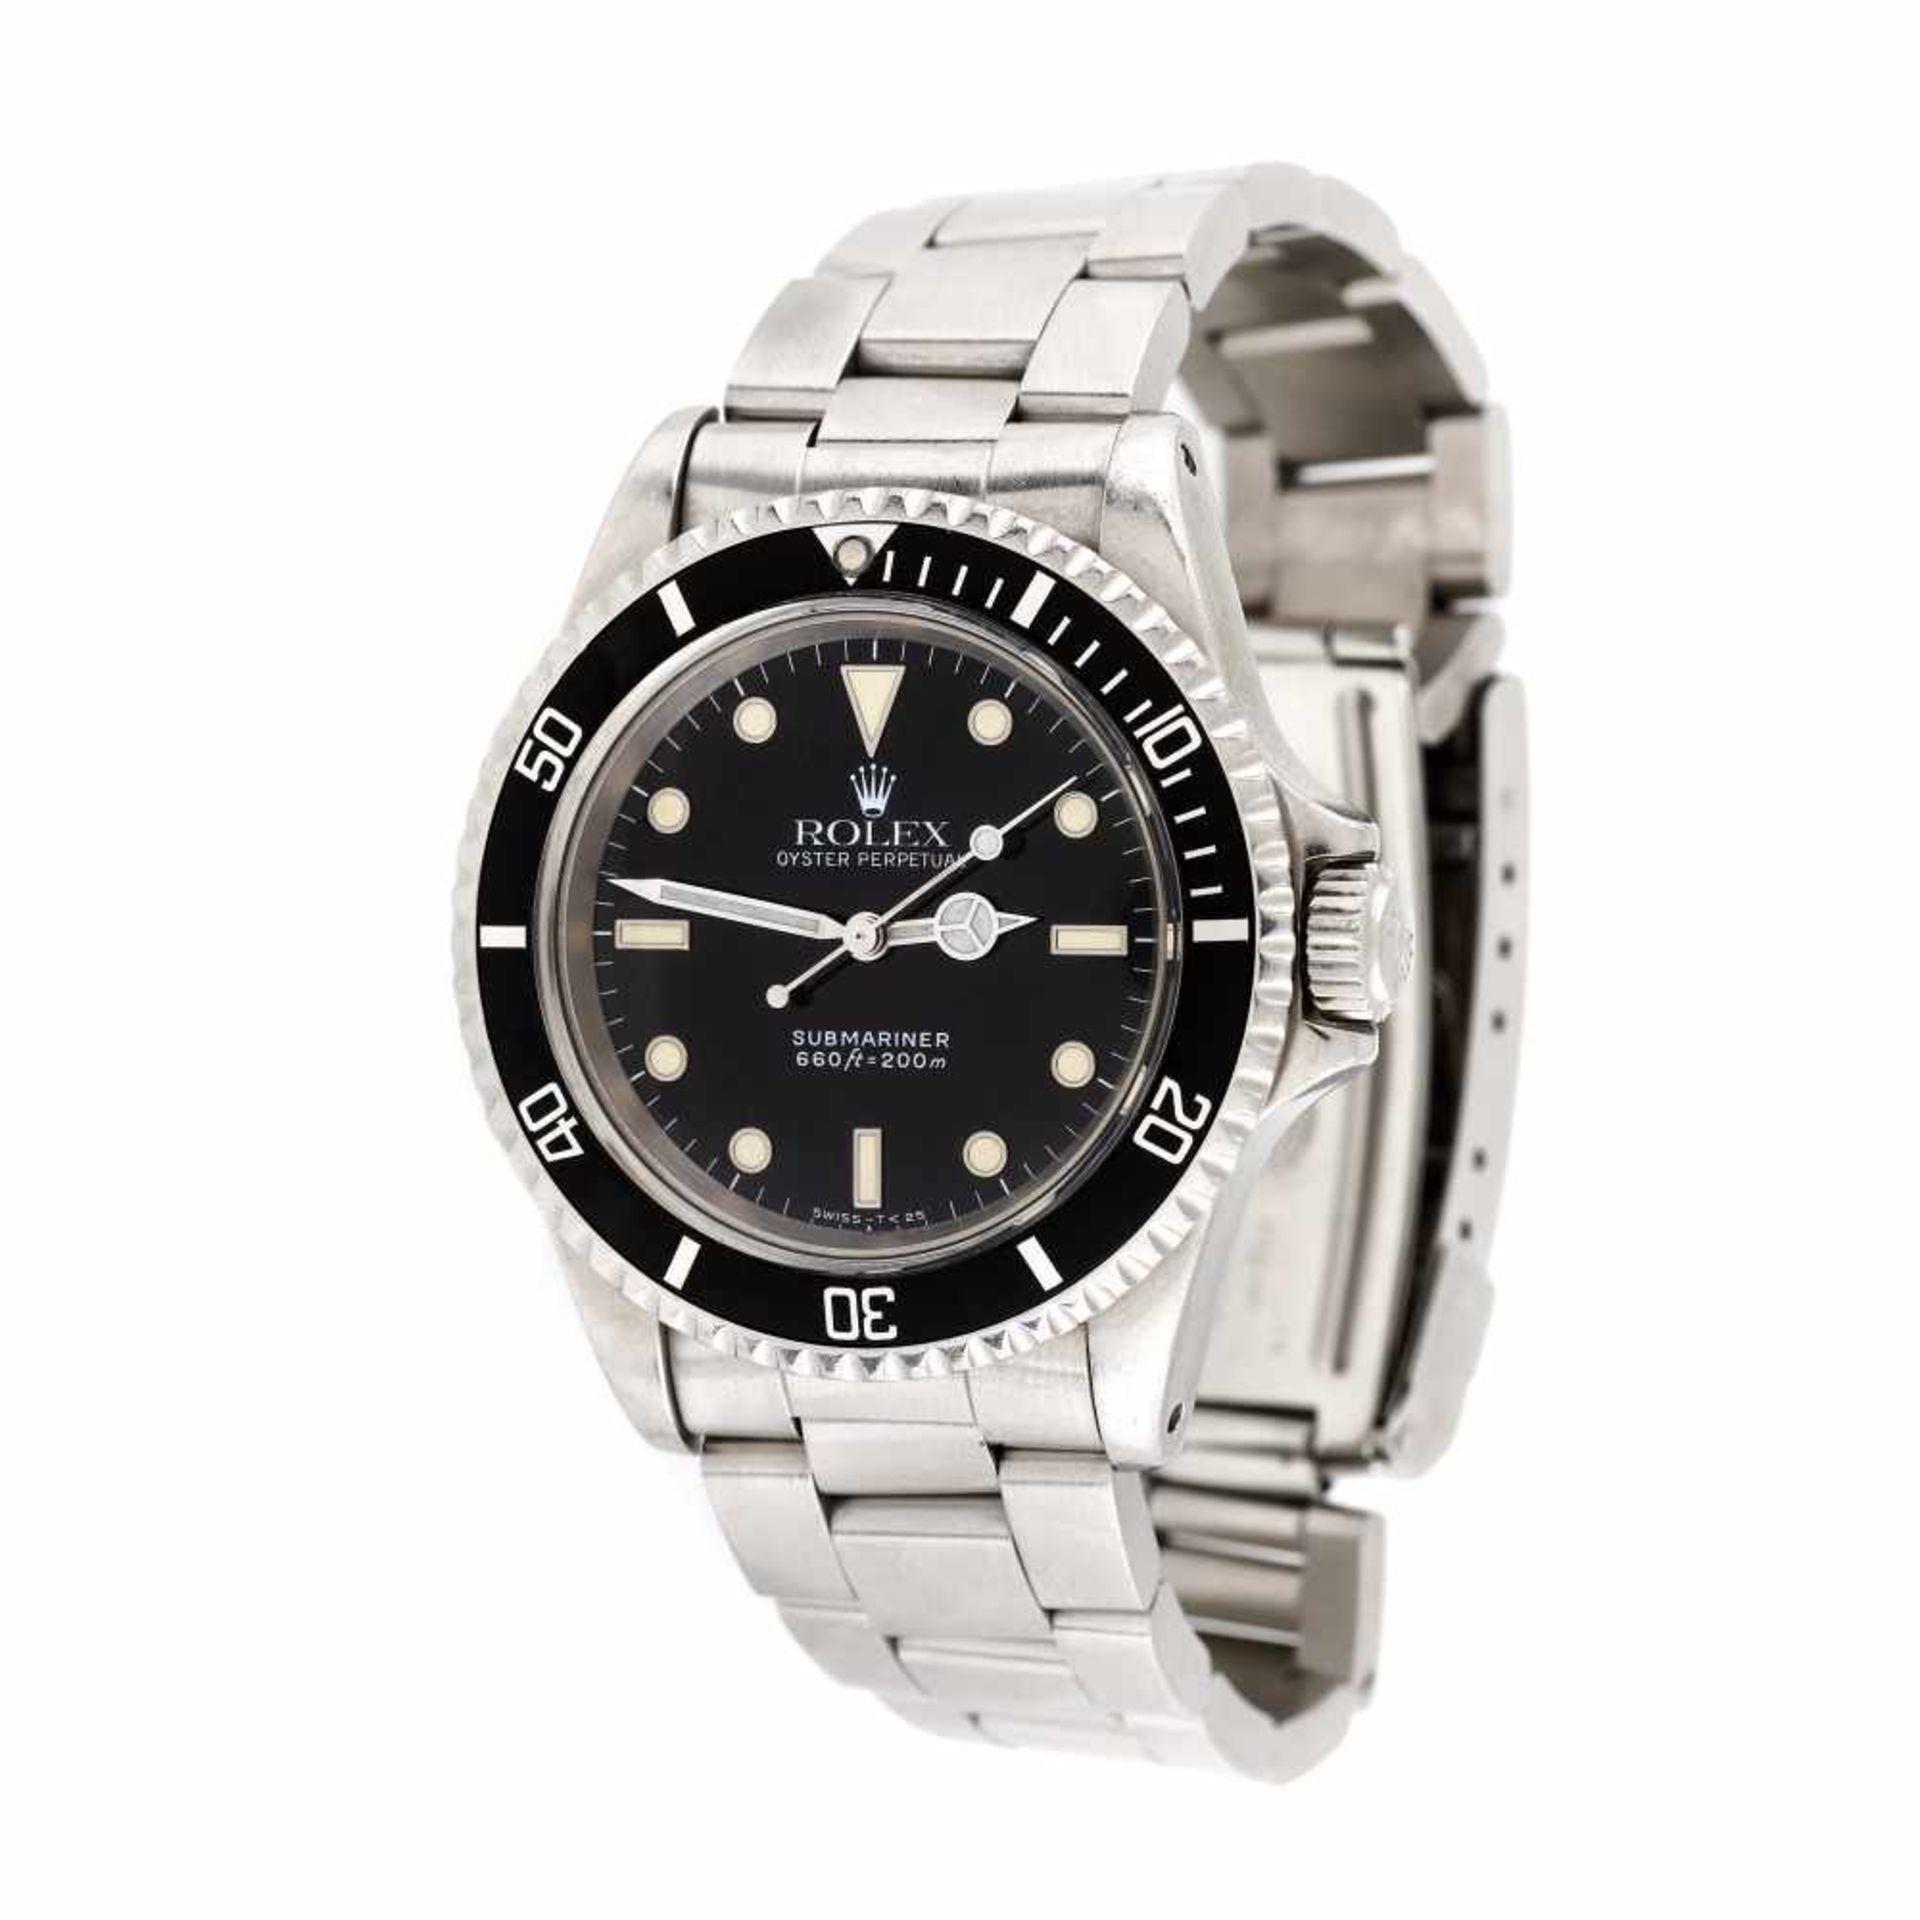 Rolex Submariner vintage wristwatch, men